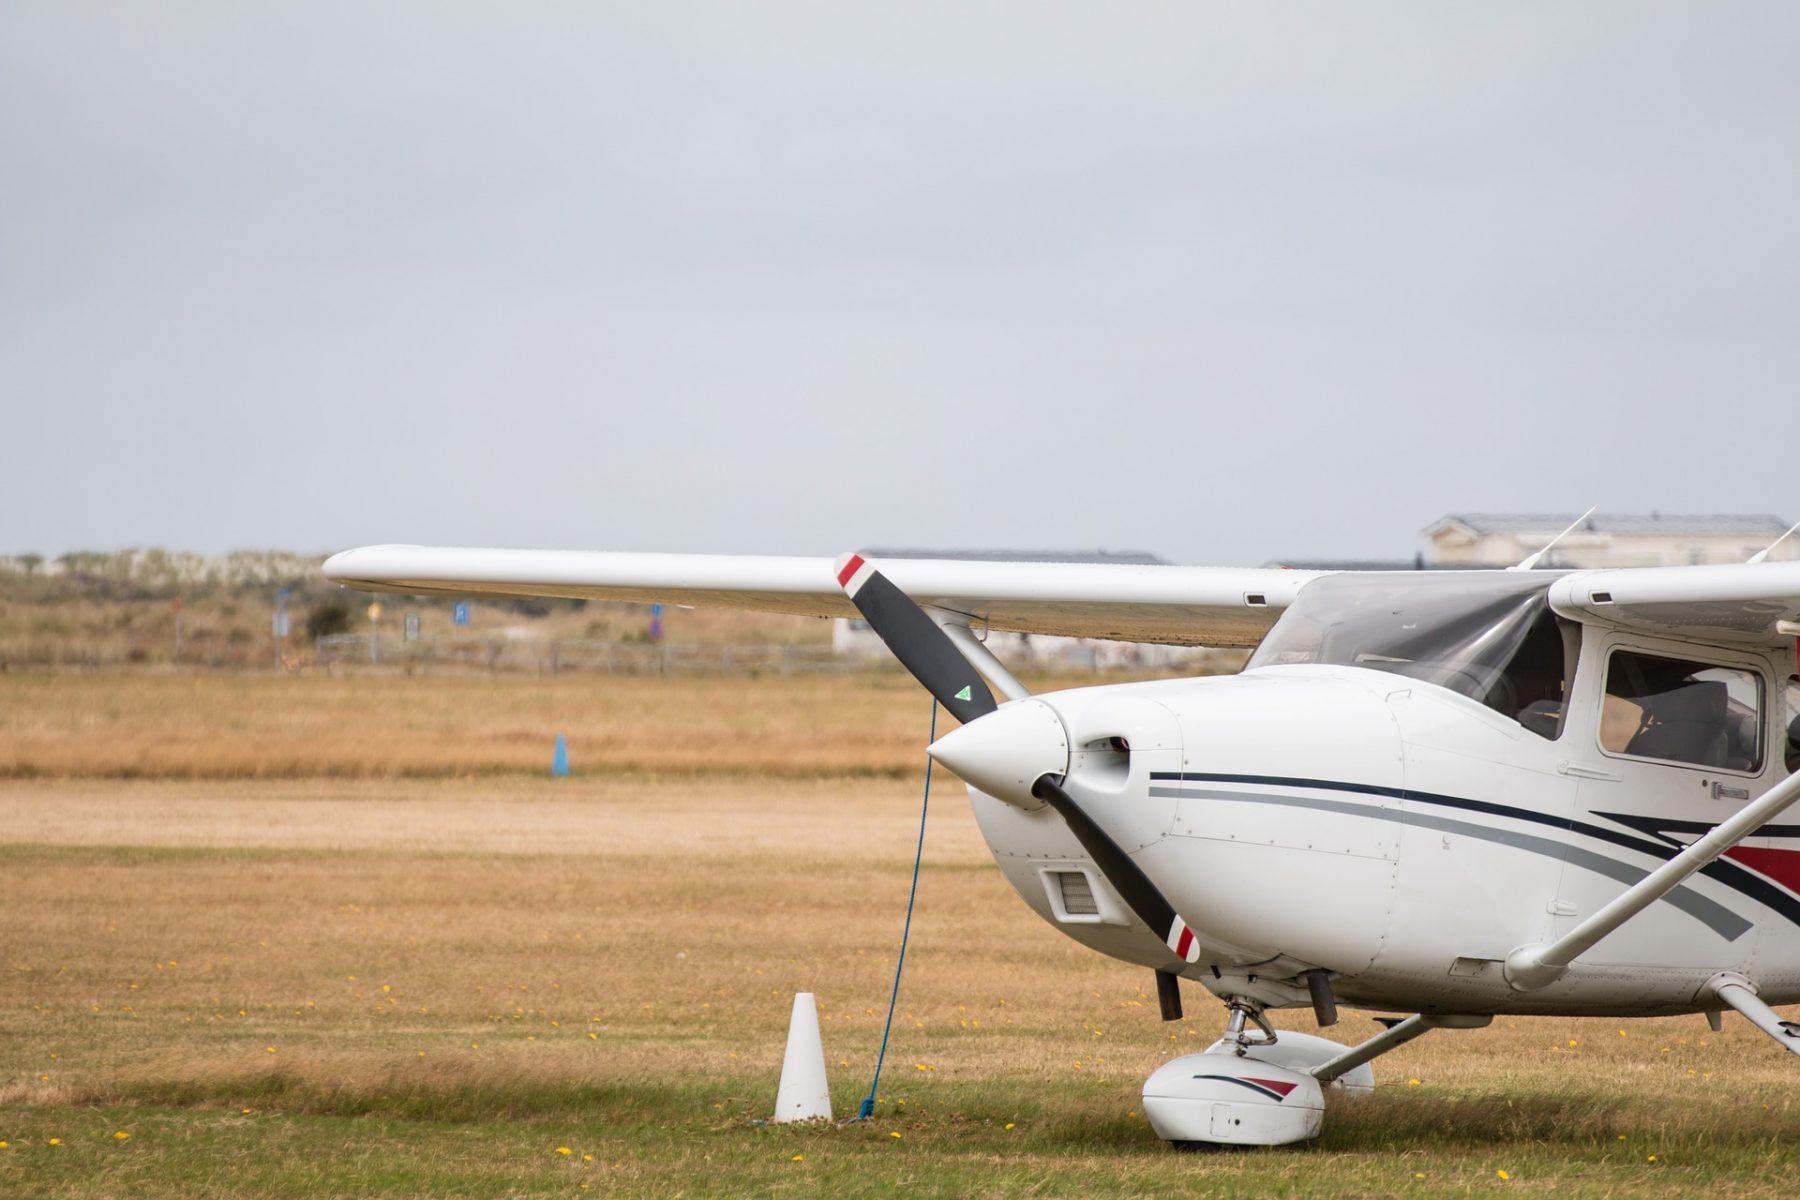 sport-aircraft-3540536_1920